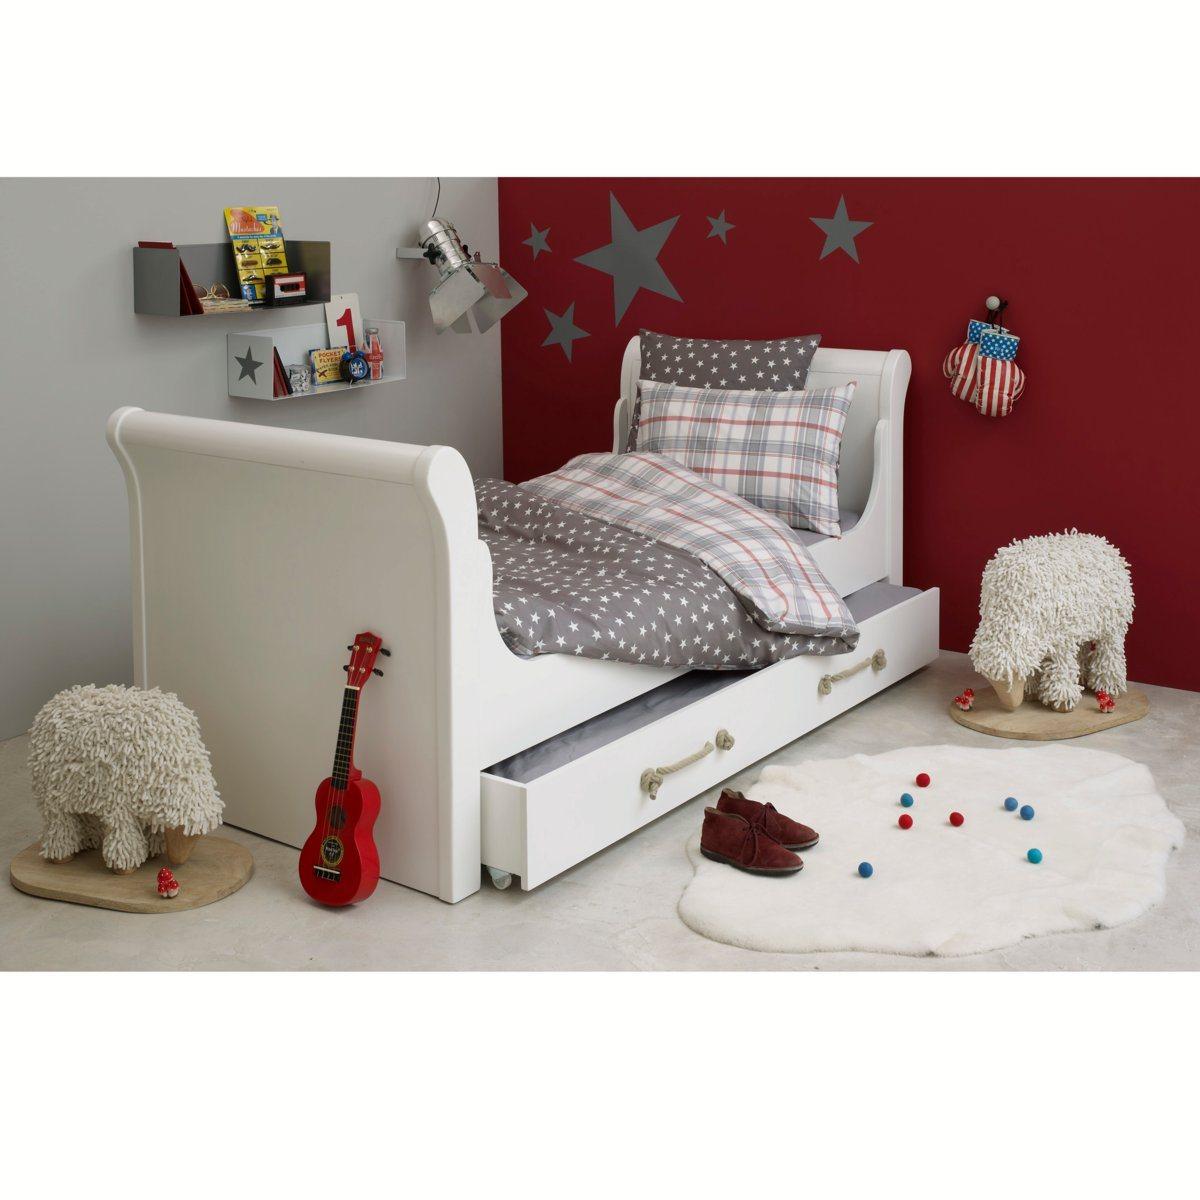 Chambre enfant rouge et blanc ampm dekobook - Chambre enfant ampm ...